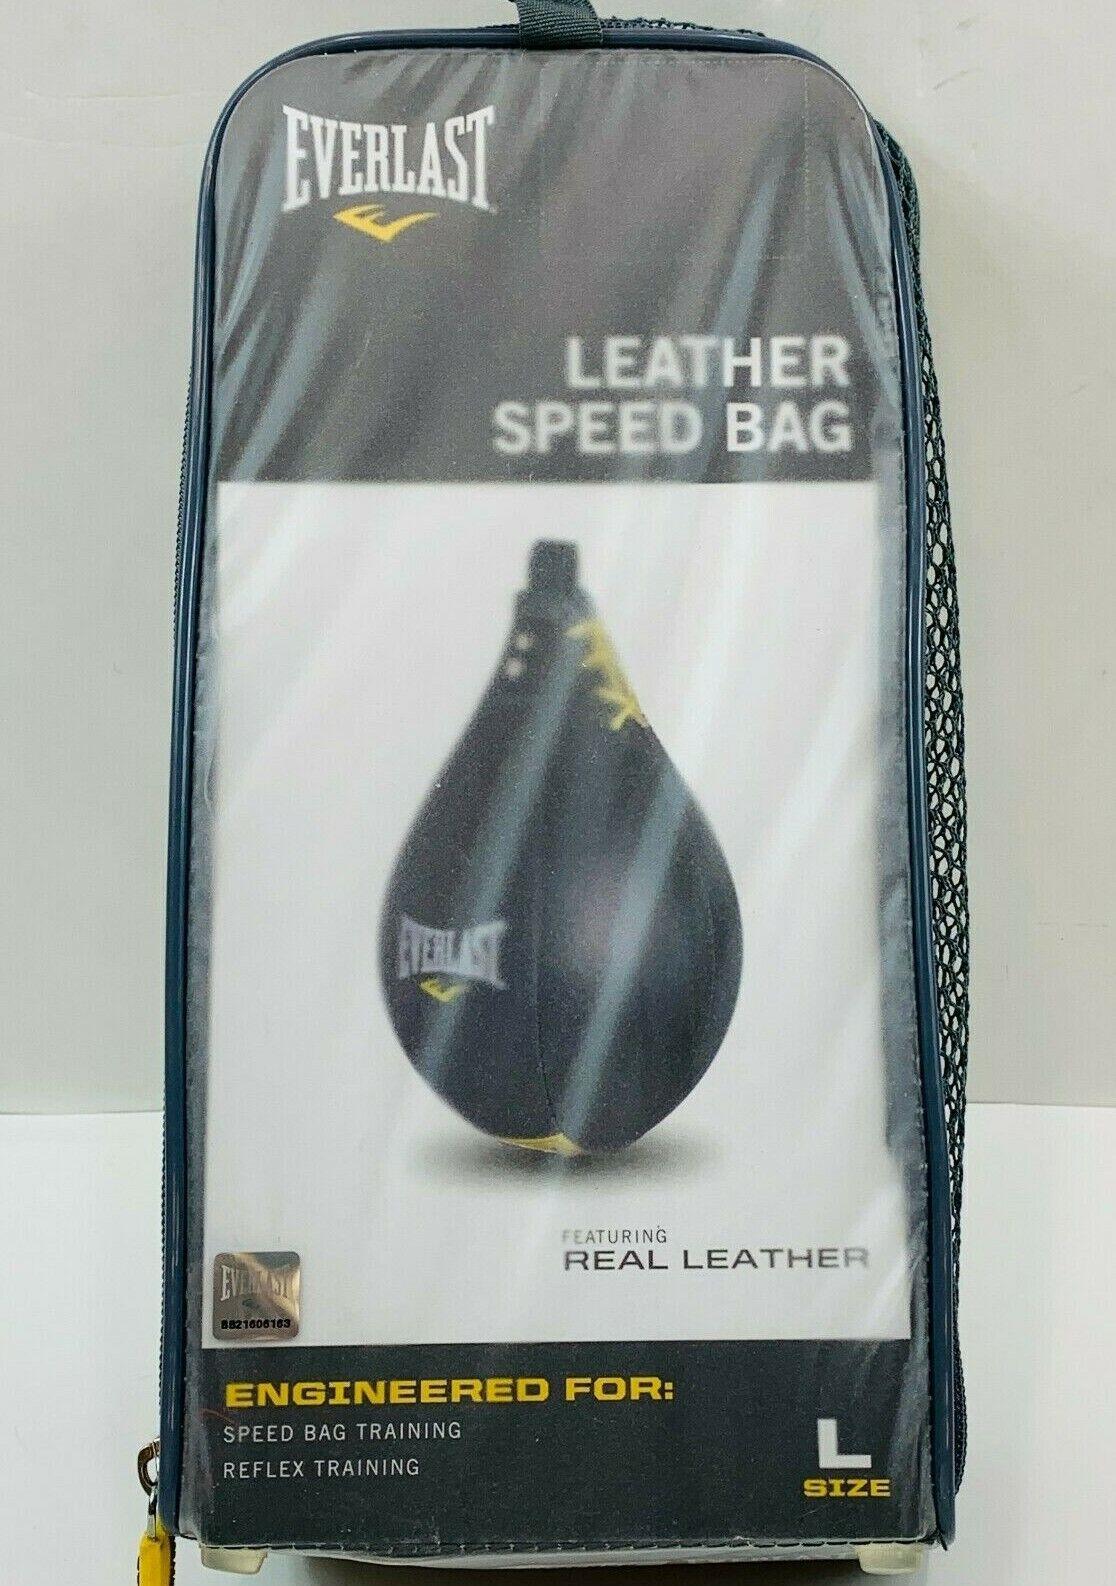 Everlast Leather Speed Bag EA  - $34.99